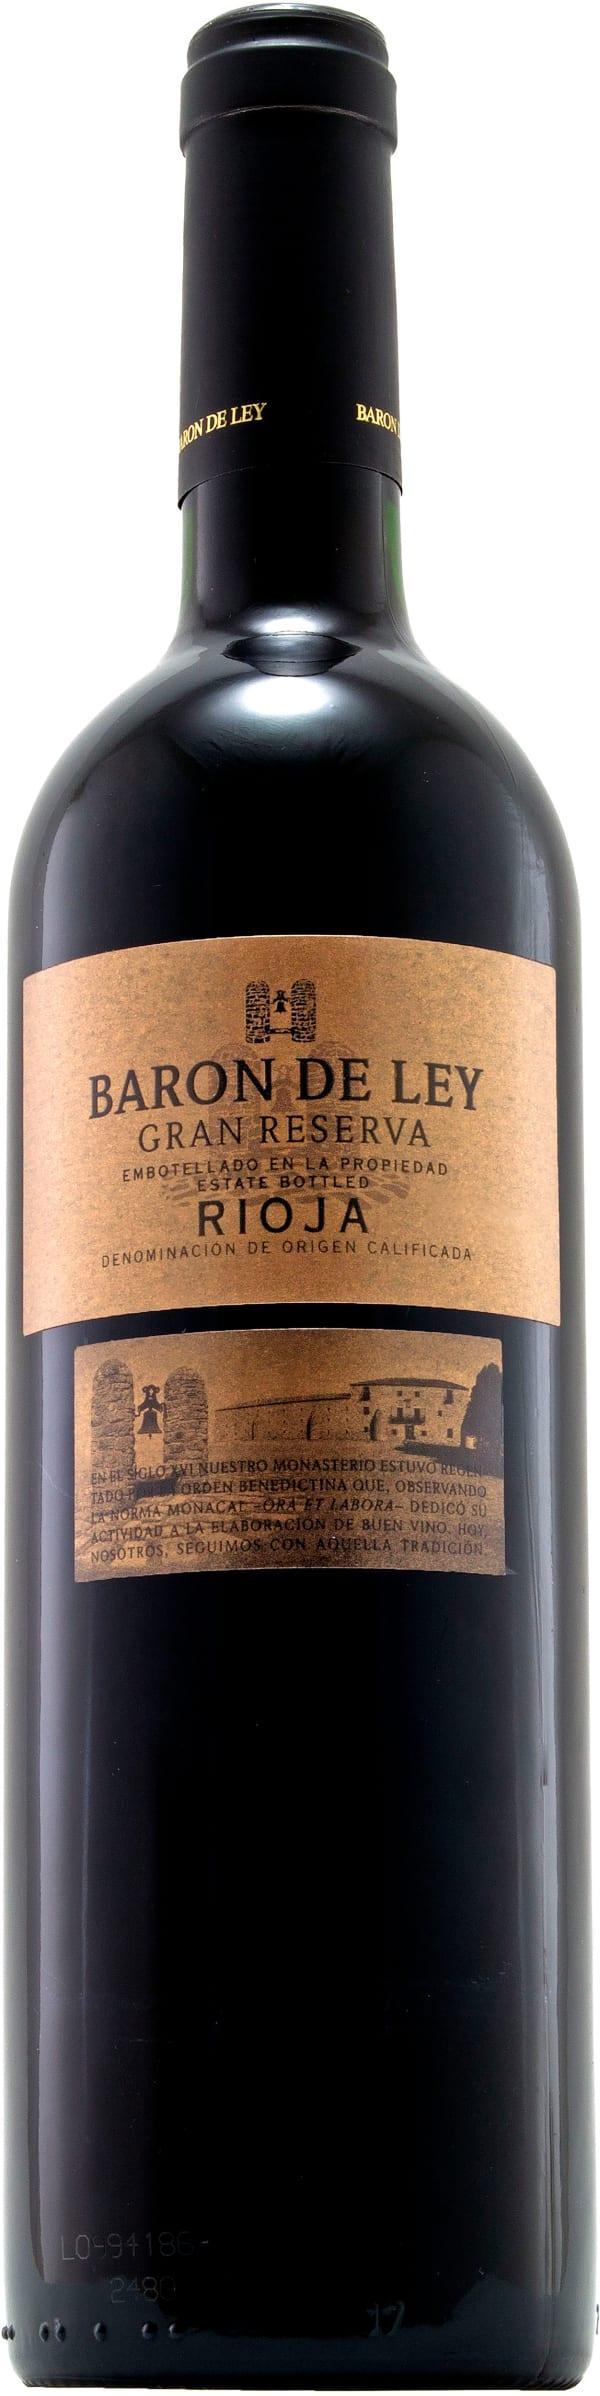 Baron de Ley Gran Reserva 2011